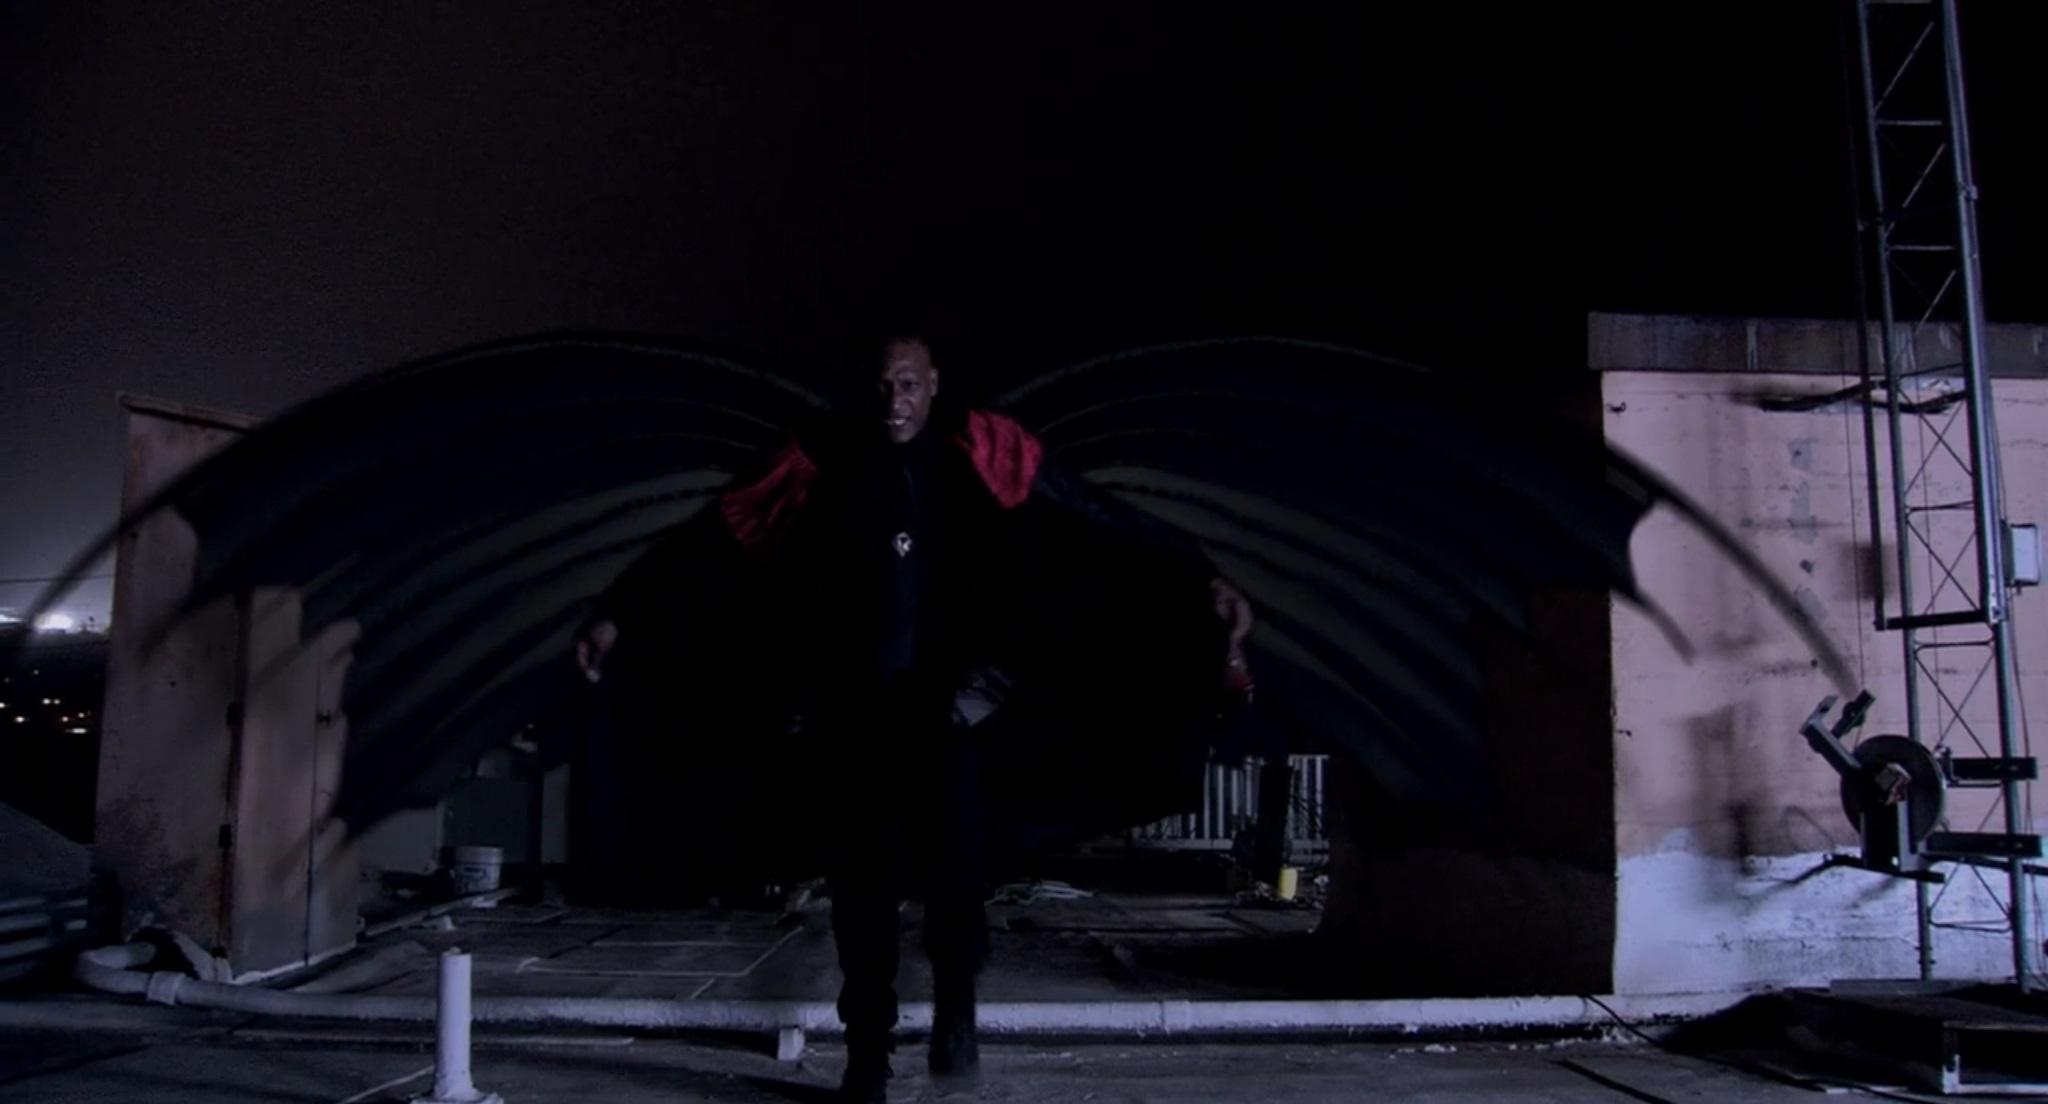 Dracula rising.